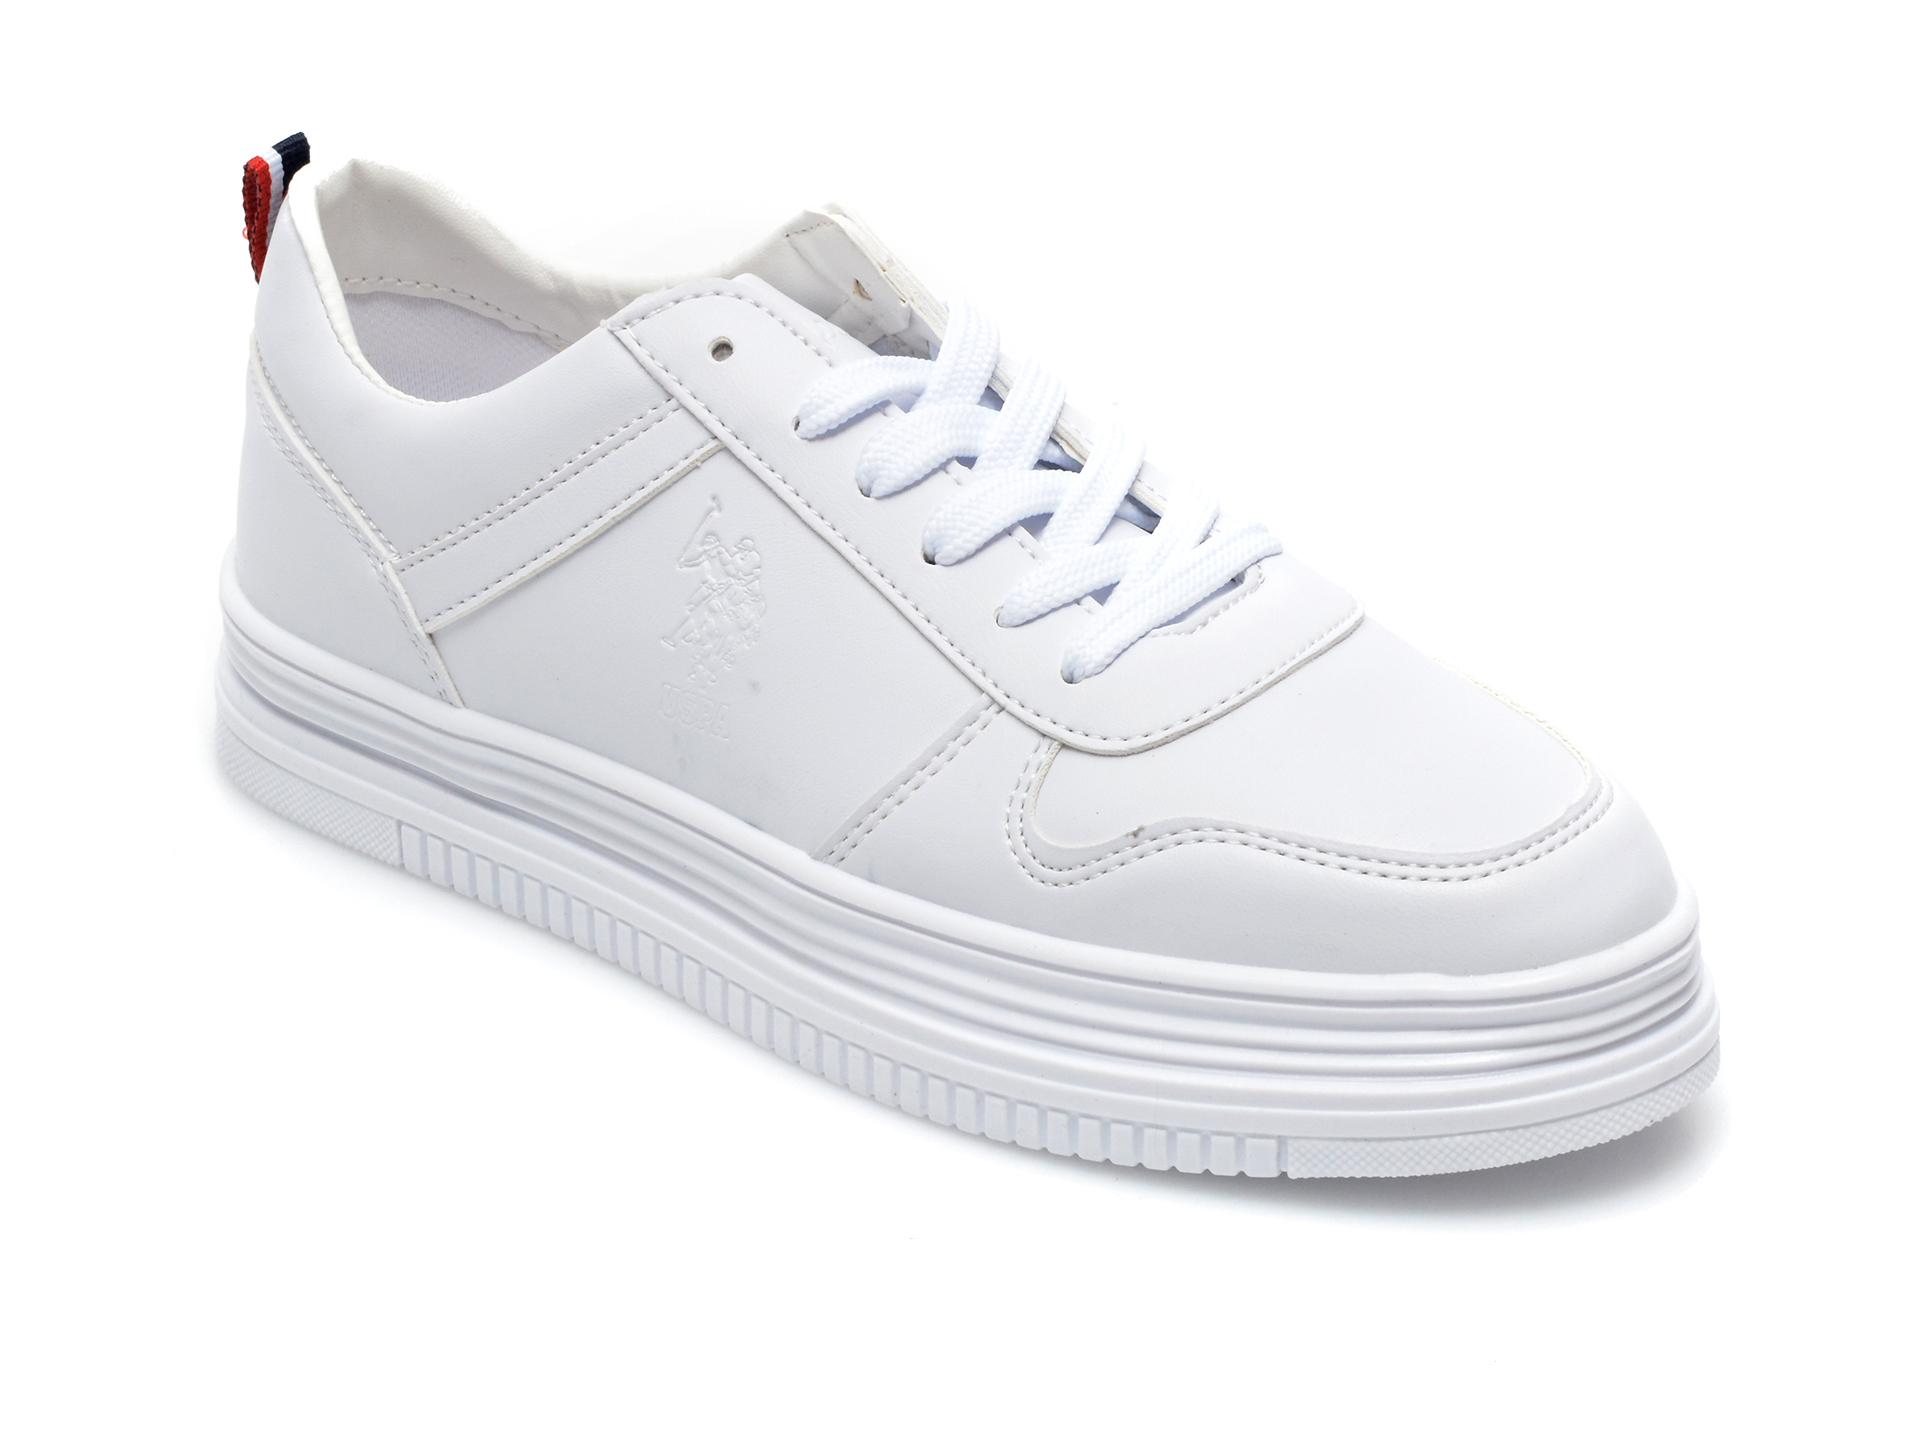 Pantofi sport US POLO ASSN albi, SURI1FX, din piele ecologica imagine otter.ro 2021